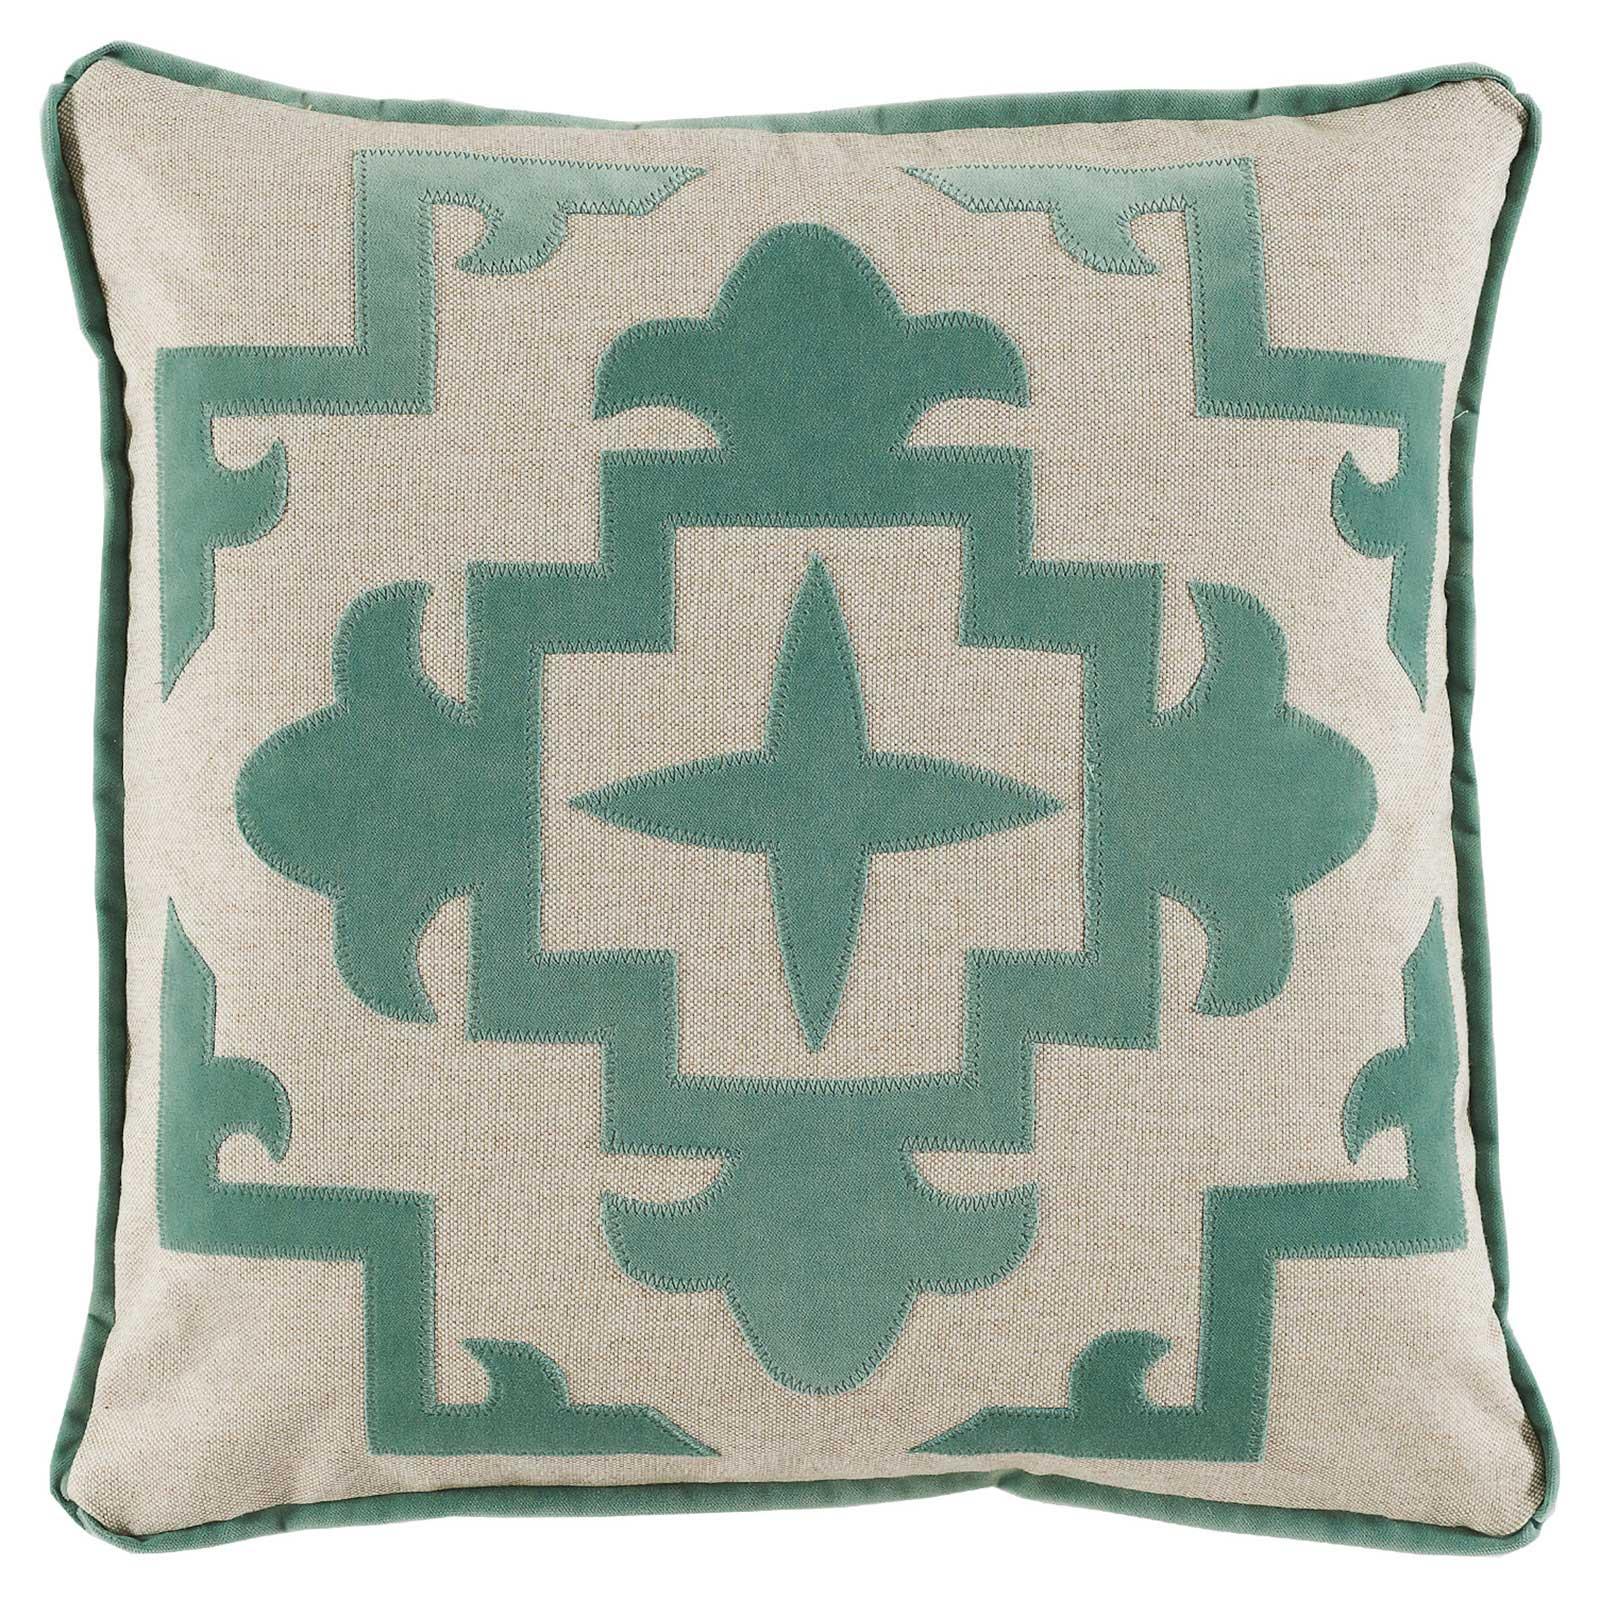 Libby Modern Classic Sea Green Velvet Medallion Pillow - 22x22